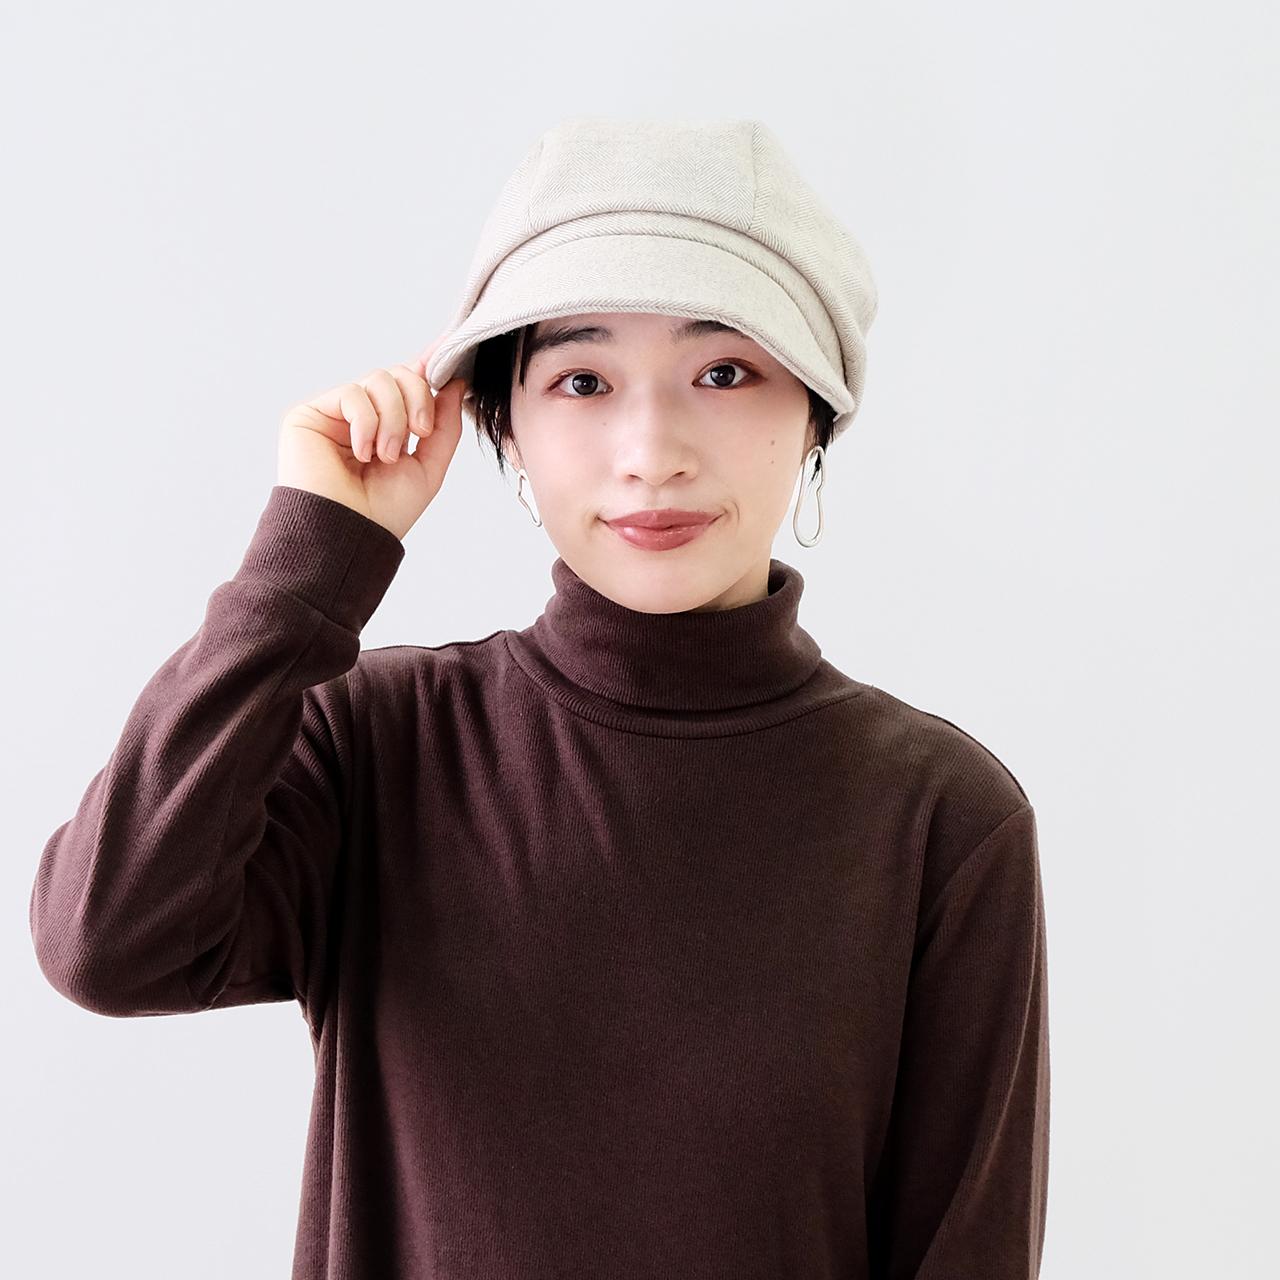 【秋冬新作】BuLuKa(ブルカ) ヘリンボンキャスケット [12-21209]